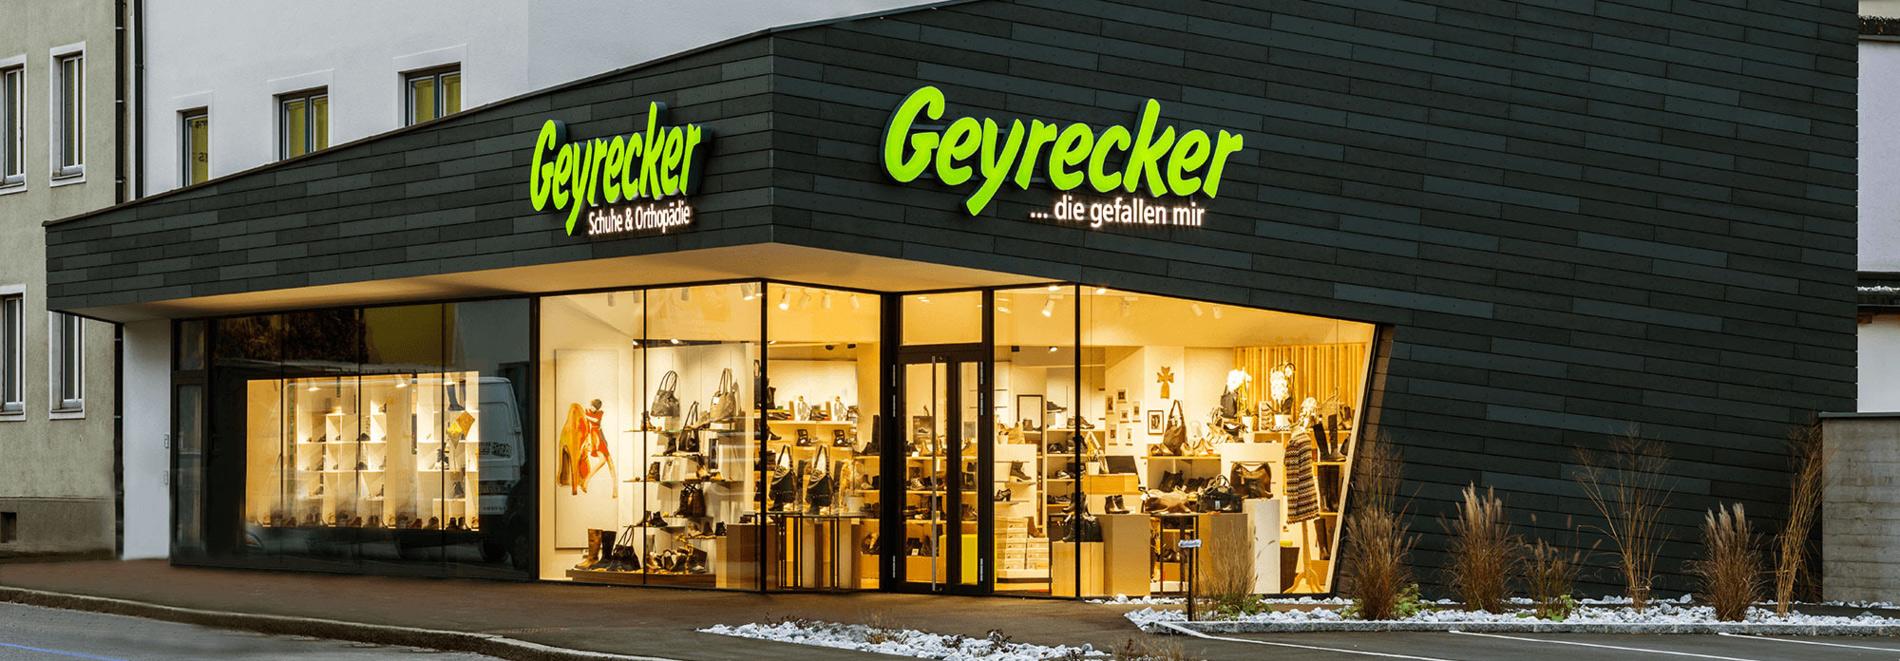 Geyrecker_Aussenansicht